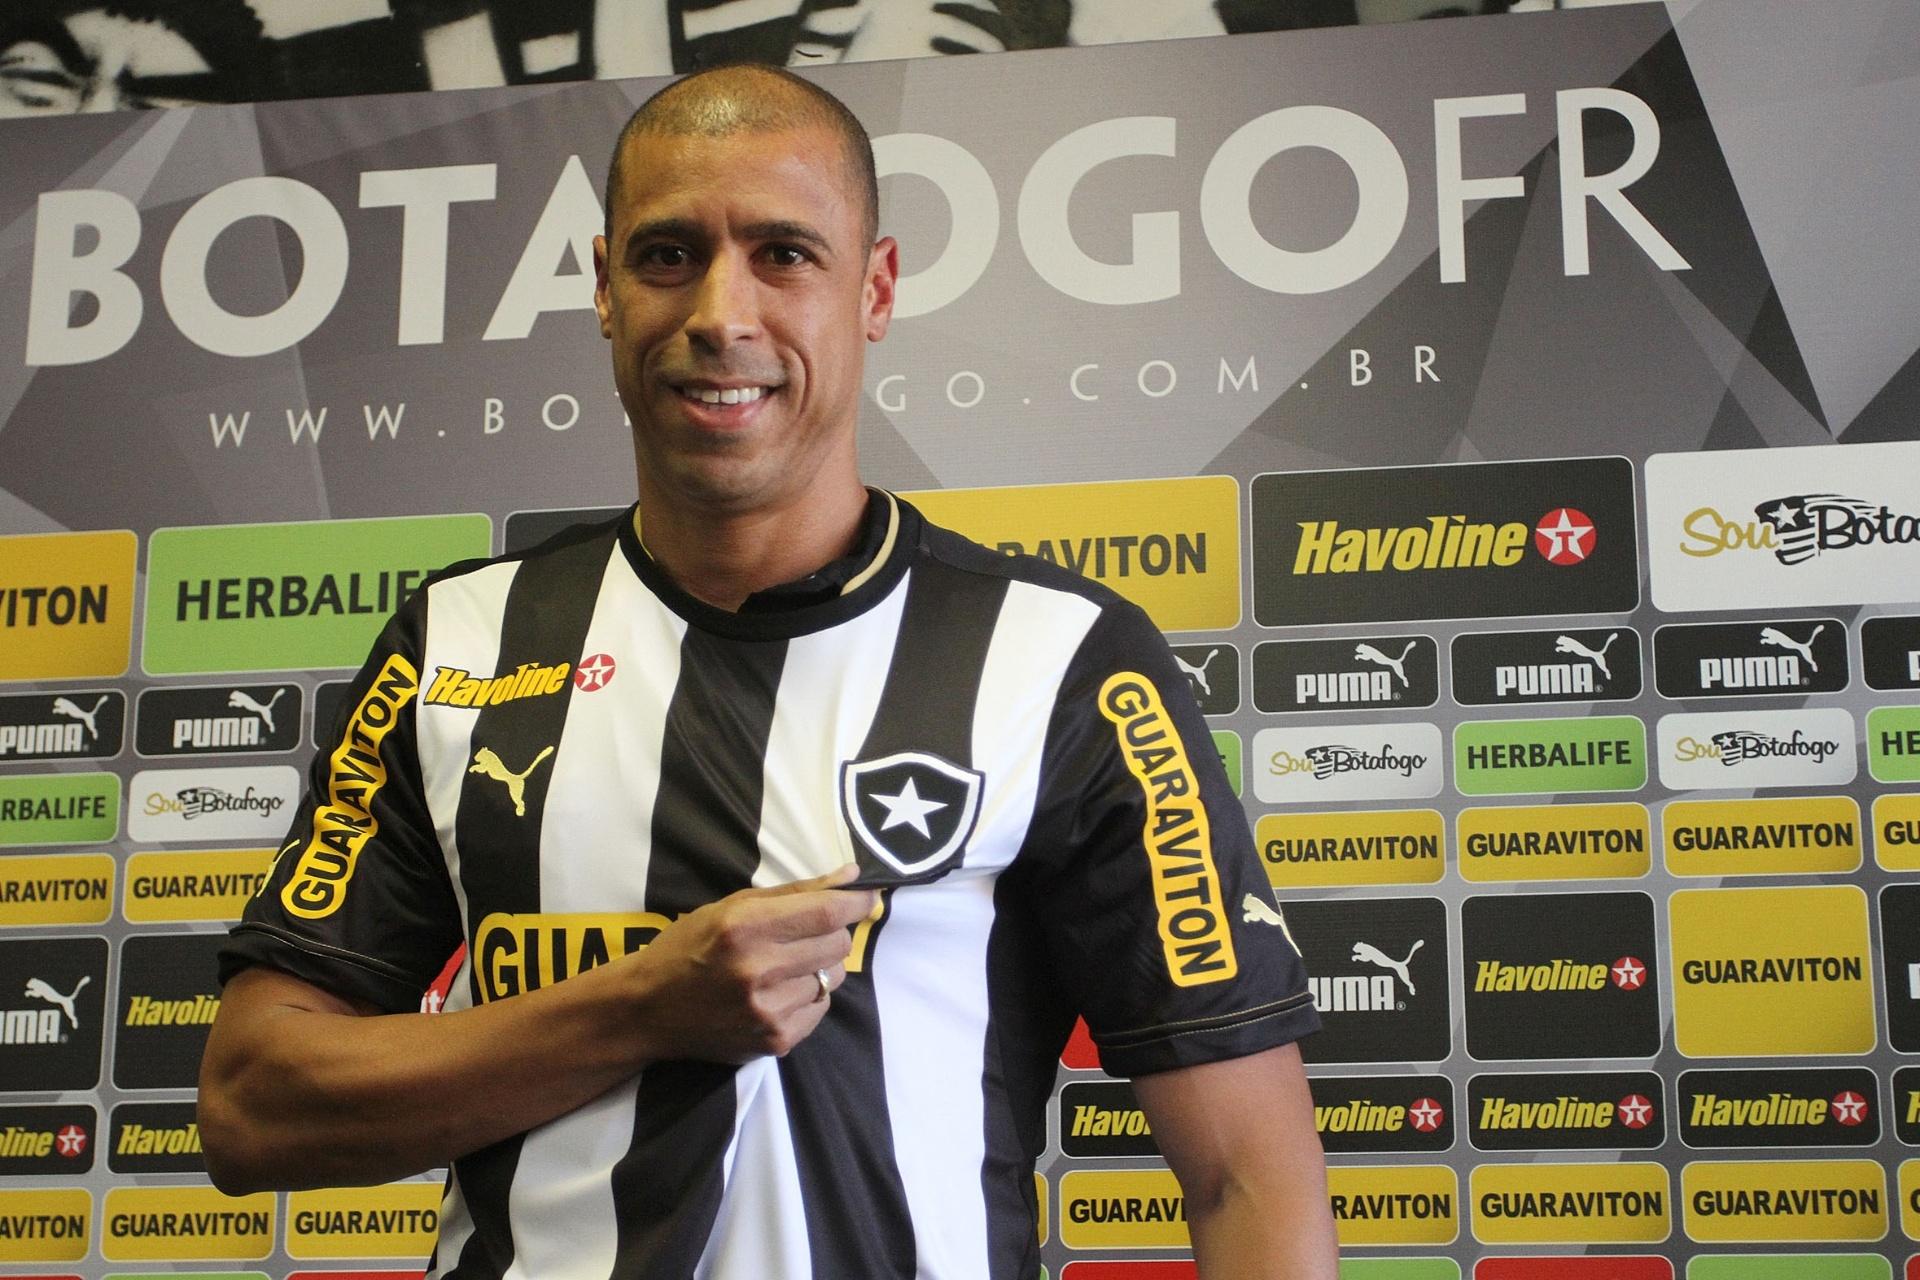 Jorge Wagner tem desafio de repetir sucesso de  trio japonês  no Botafogo -  22 12 2013 - UOL Esporte a67e4a3cb17bc